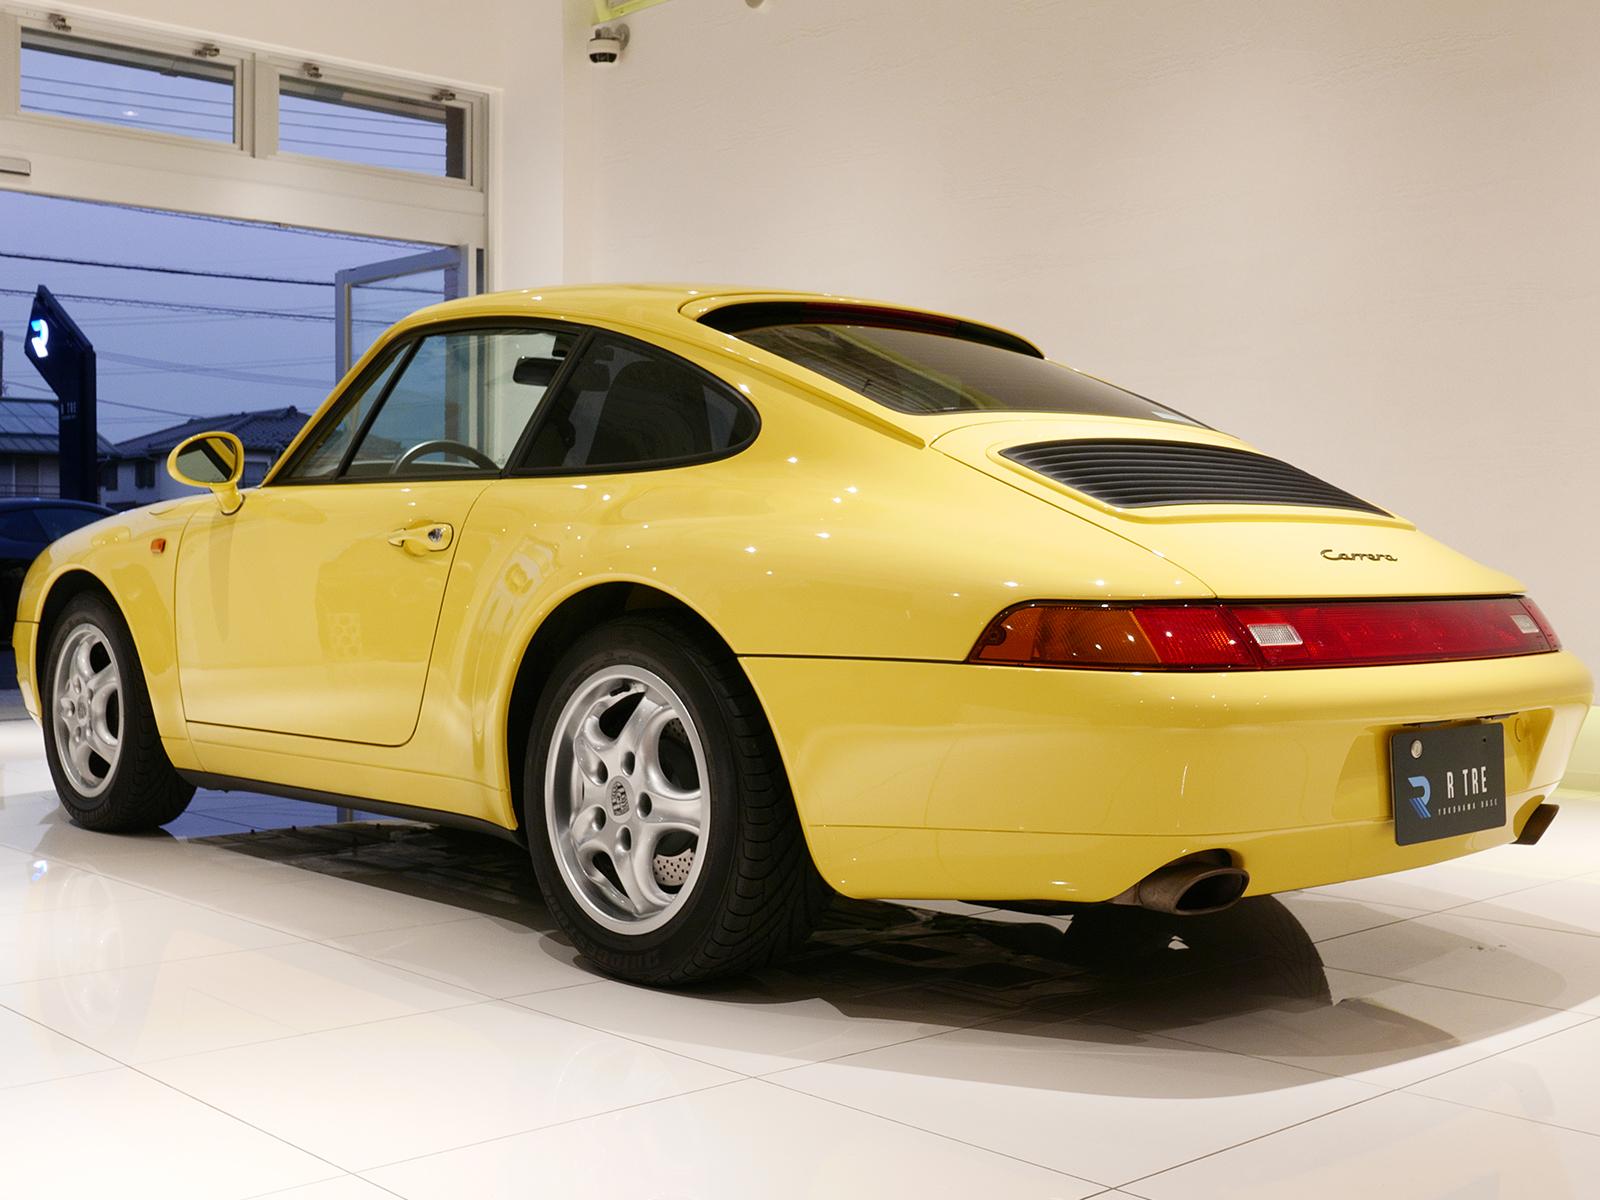 ポルシェ 911 タイプ993 カレラ タイプ Ⅰ 左リア